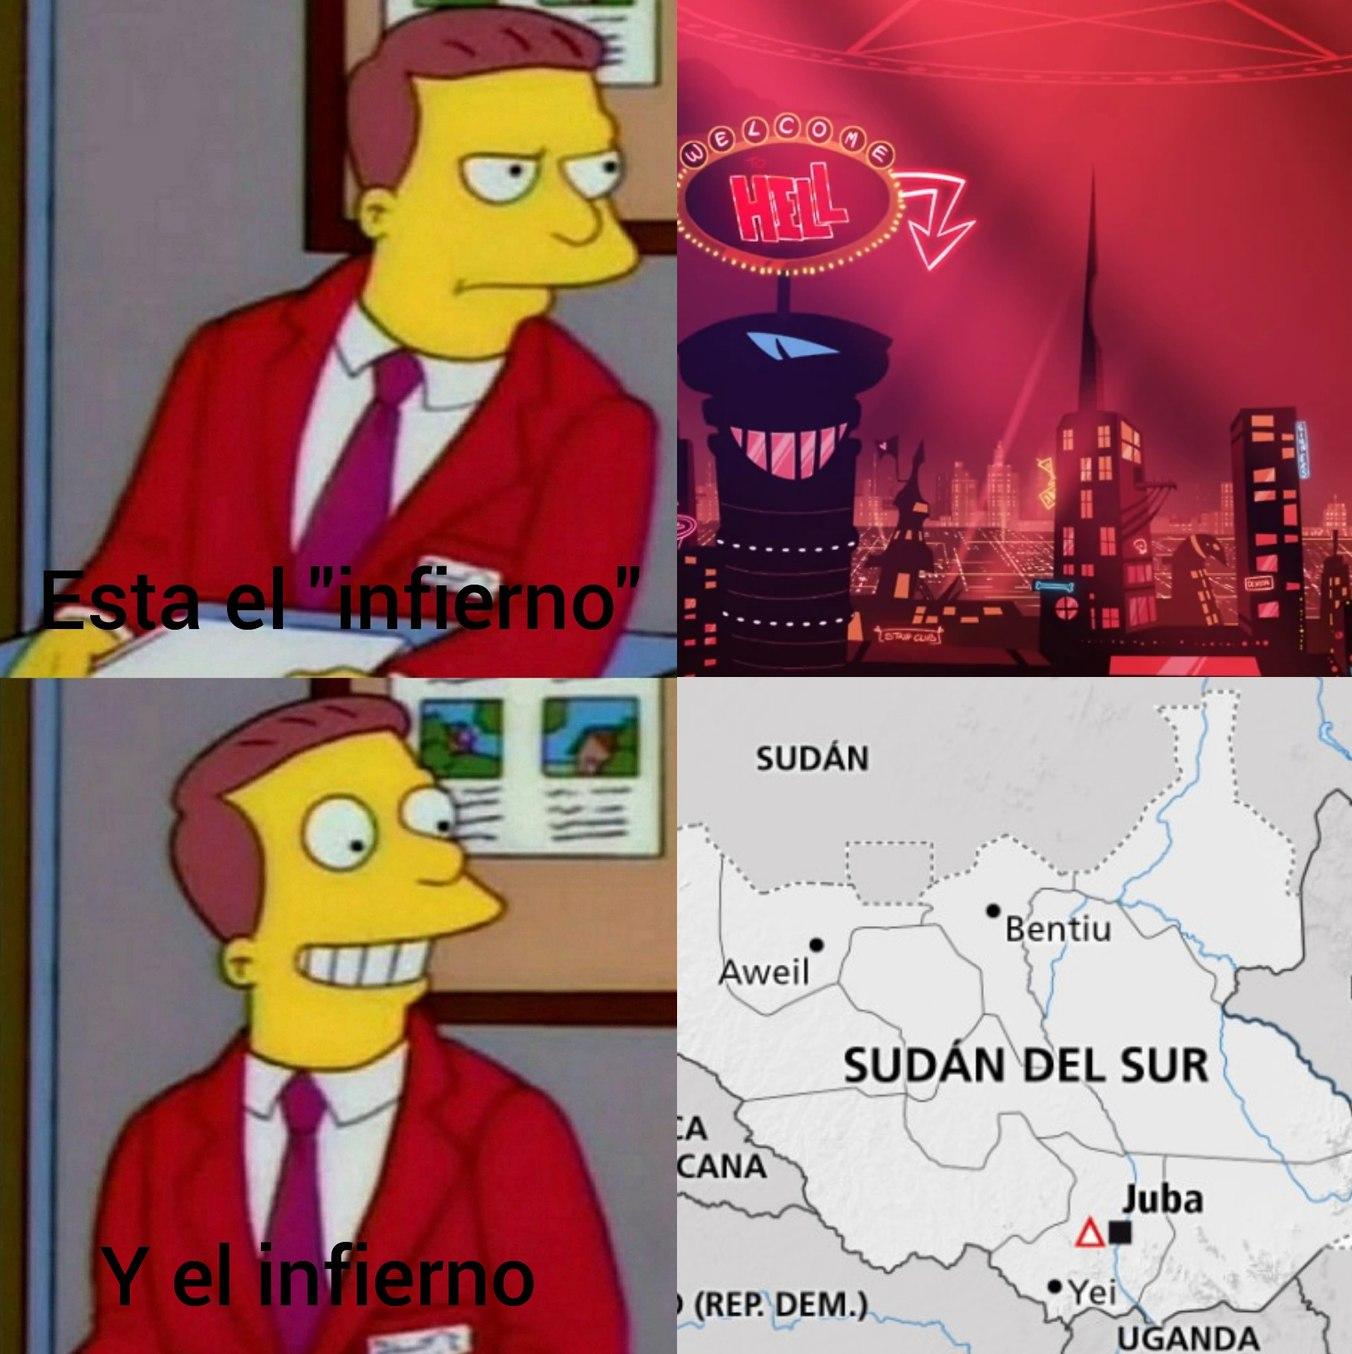 Un auténtico infierno - meme